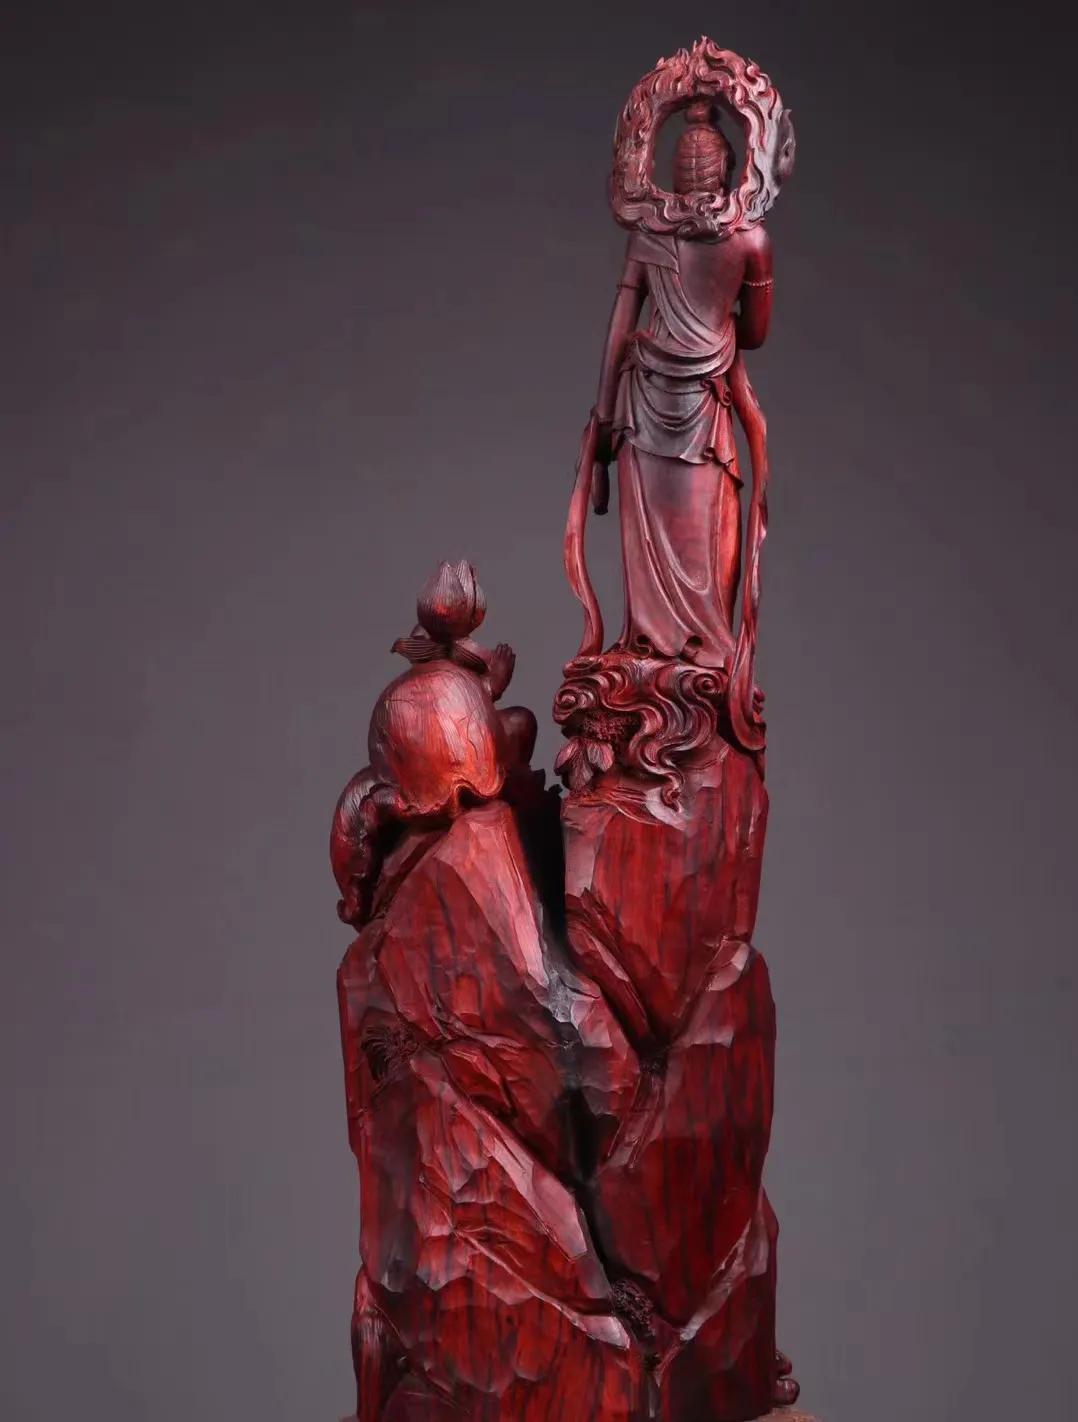 木中生童子,童子拜观音!精湛传神的紫檀手工木雕!